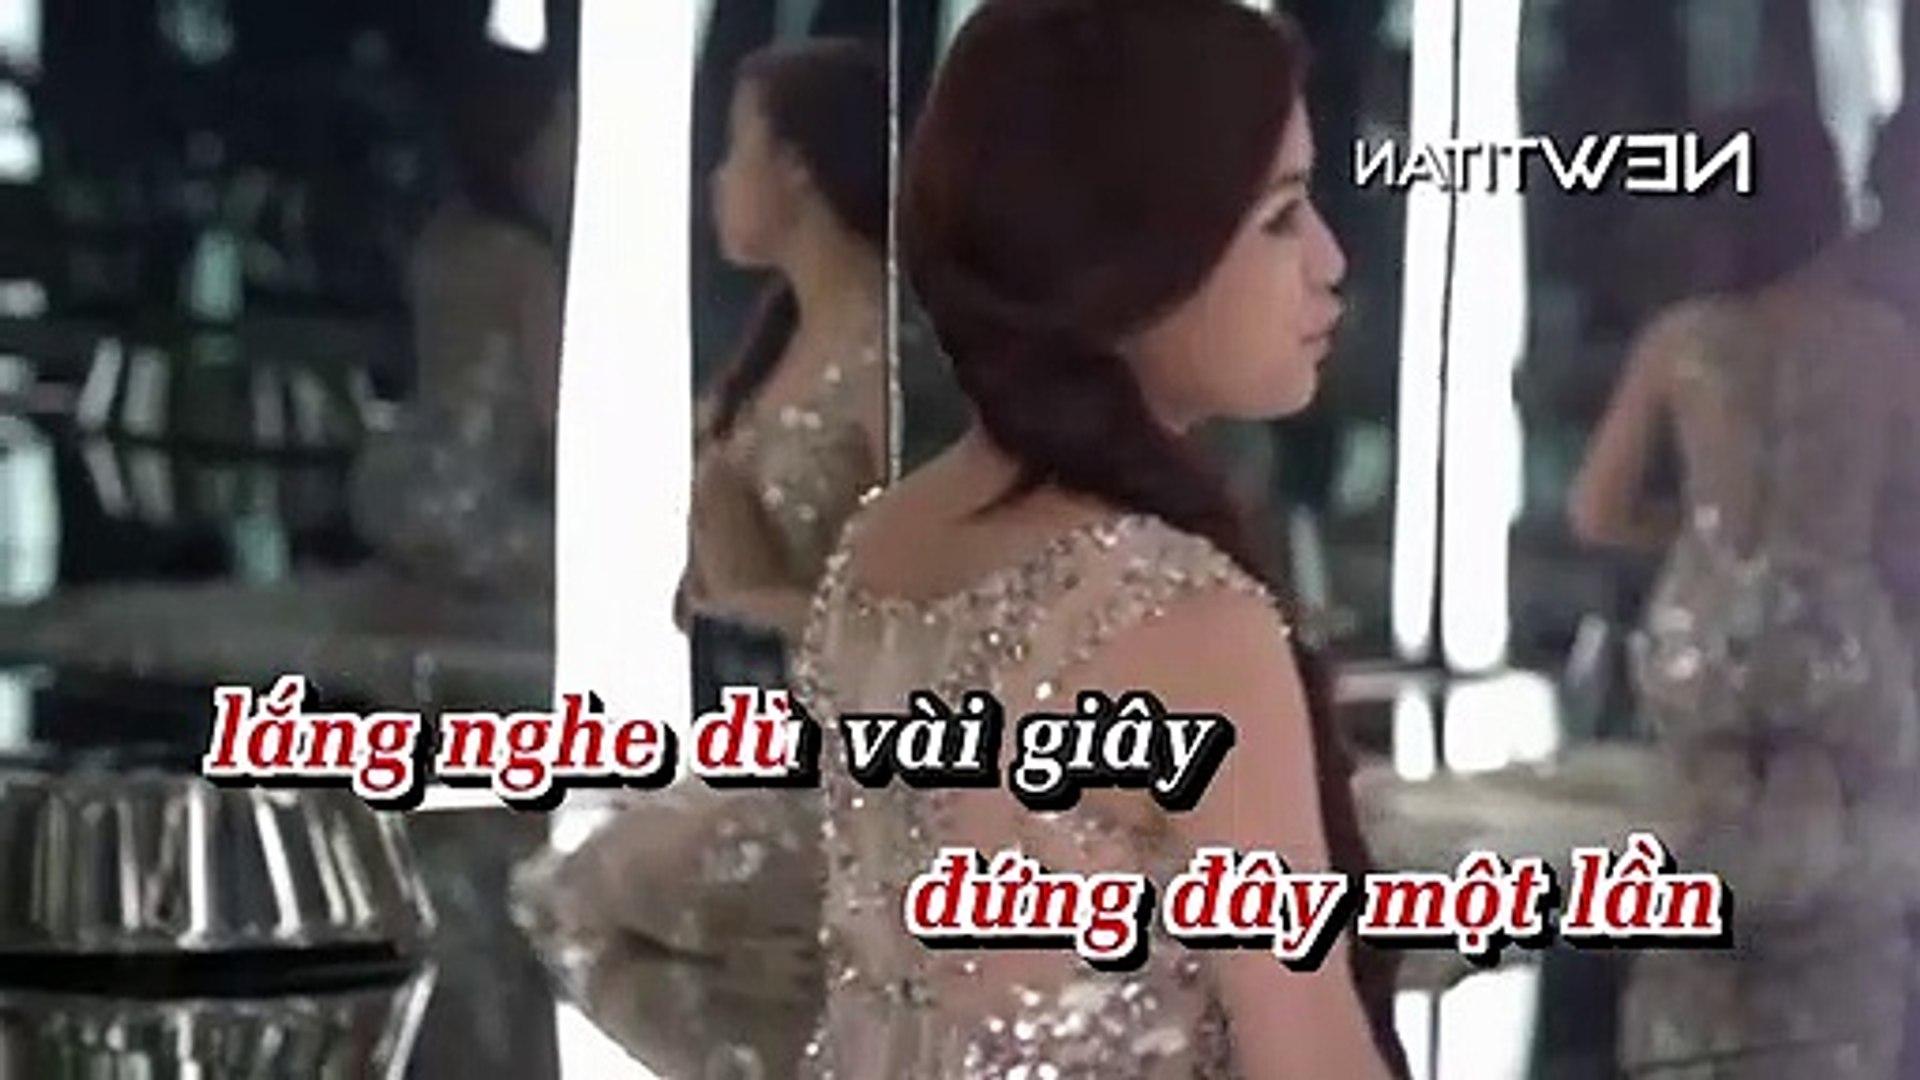 [Karaoke] Rơi - Hoàng Thùy Linh [Beat]